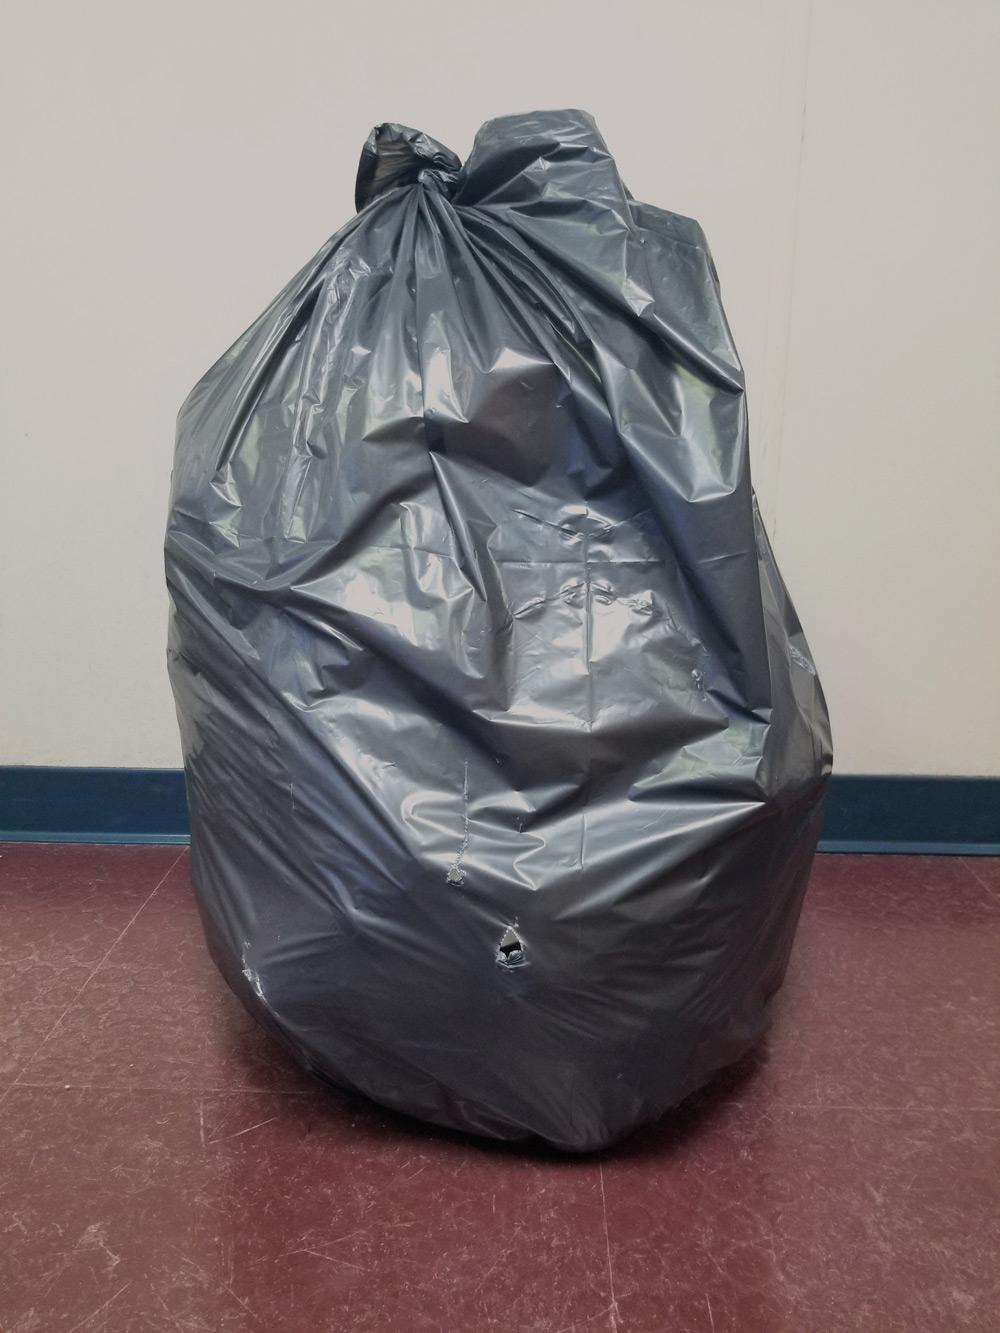 Restricciones para dejar desechos sólidos